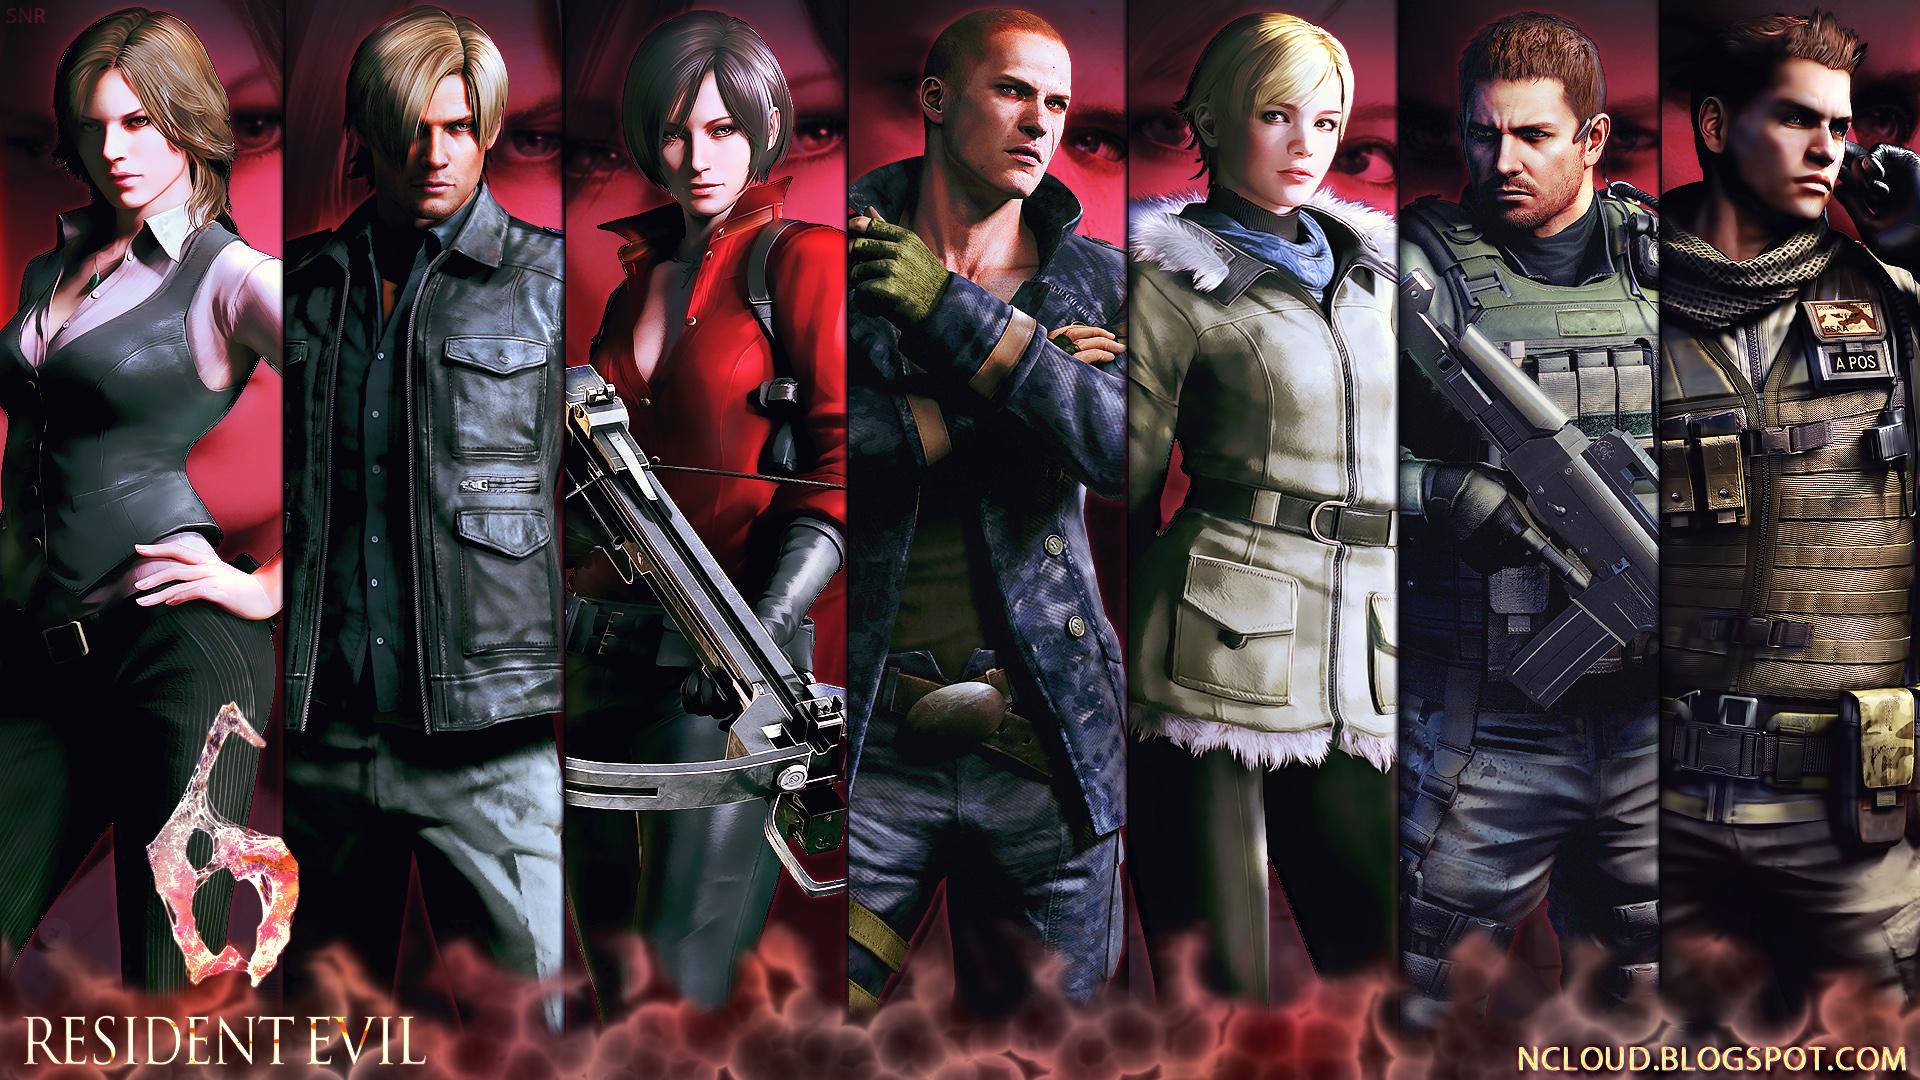 My Resident Evil 6 Wallpaper 6